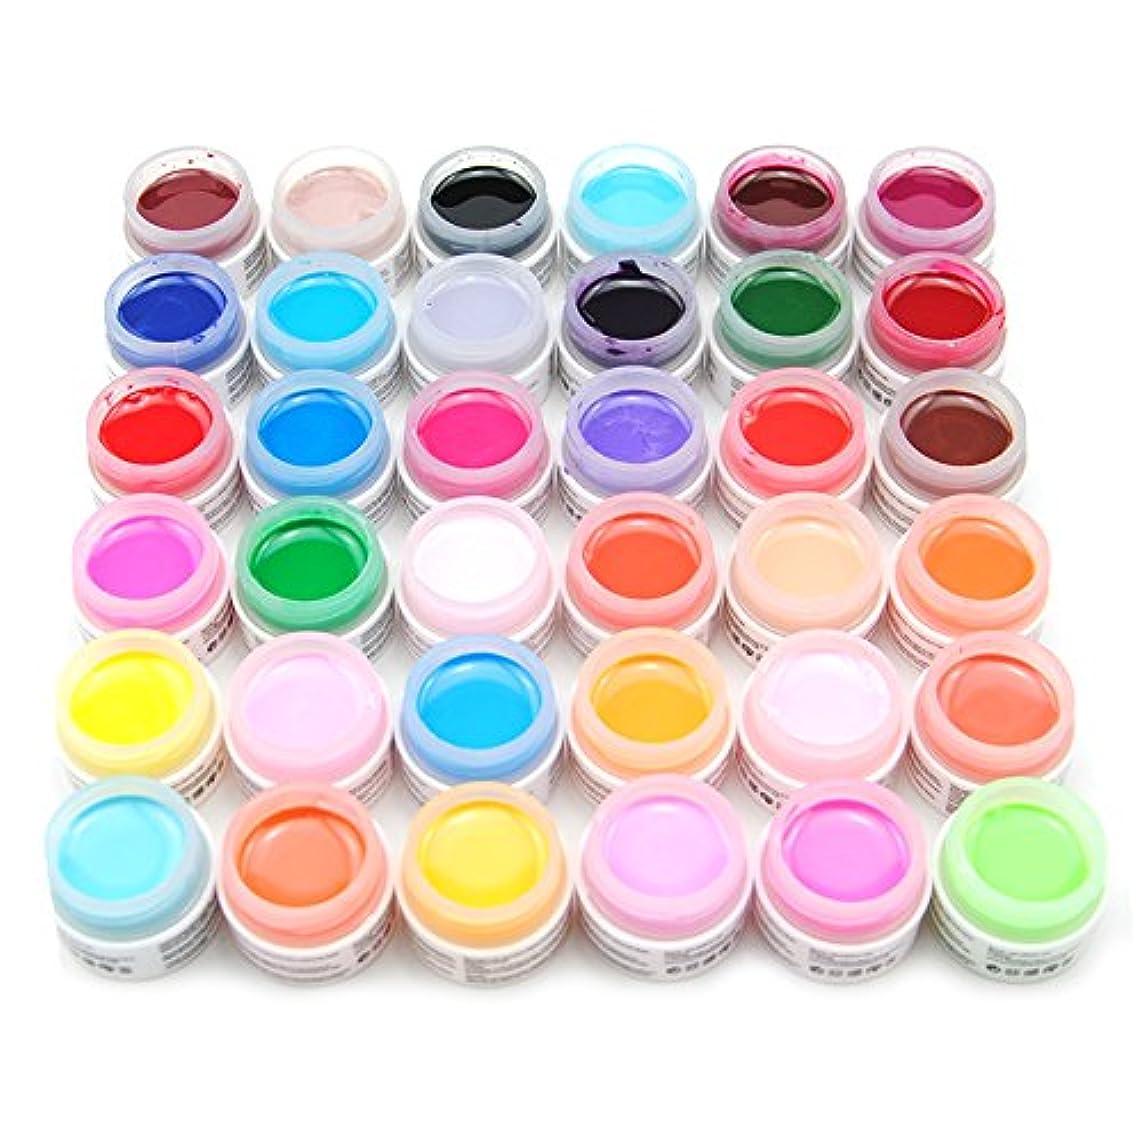 フィヨルド中央値困難ユニークモール(UniqueMall)ジェルネイルのセット 36色 純粋ネイルネイルカラーUVジェルレジン ネイルアート ネイルサロン 色々カラーネイルデコ人気セット